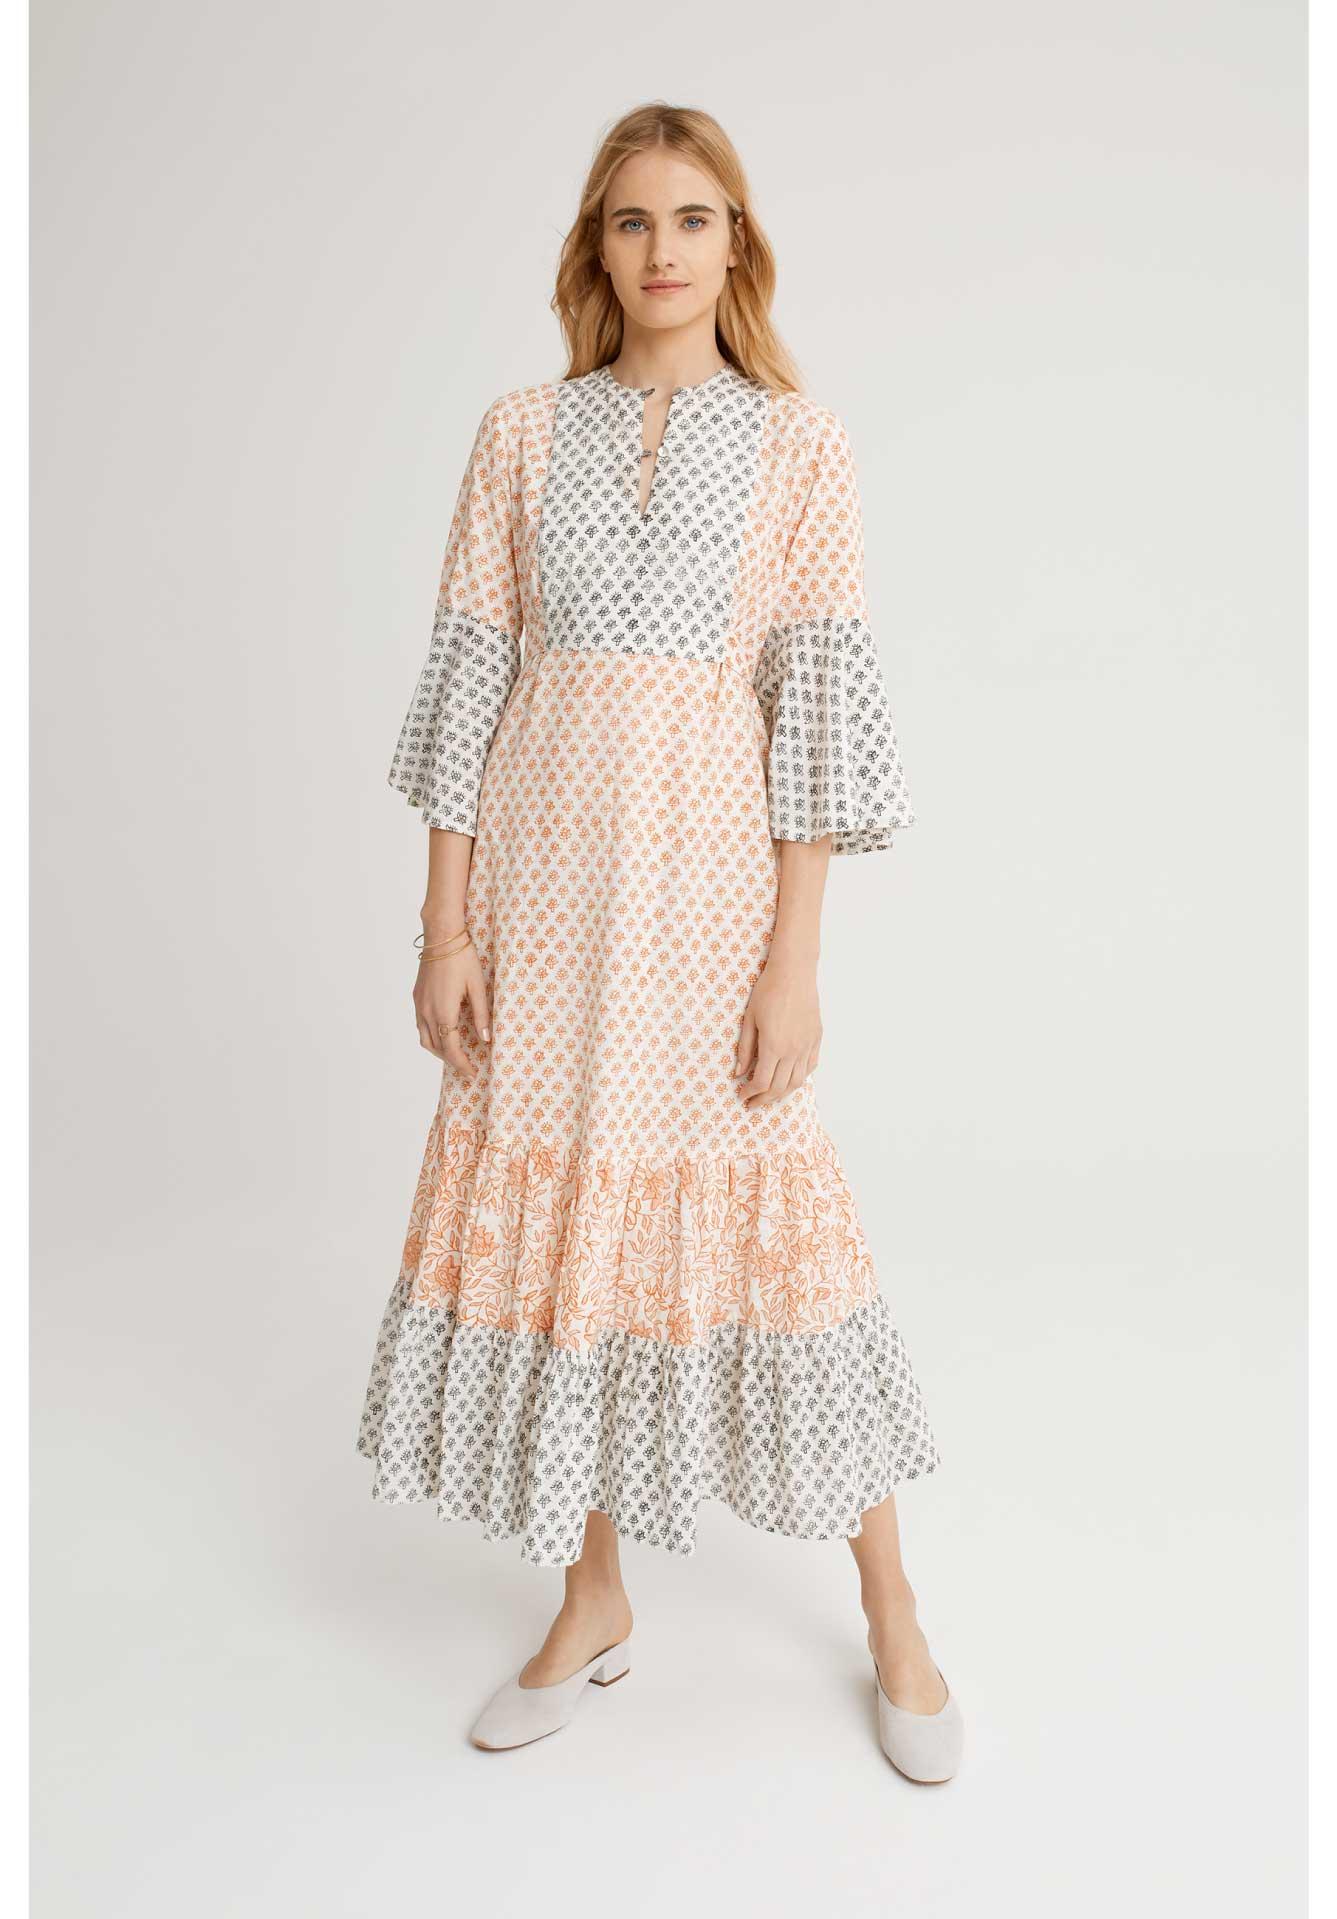 anna-dress-c7039aaeb9e0.jpg